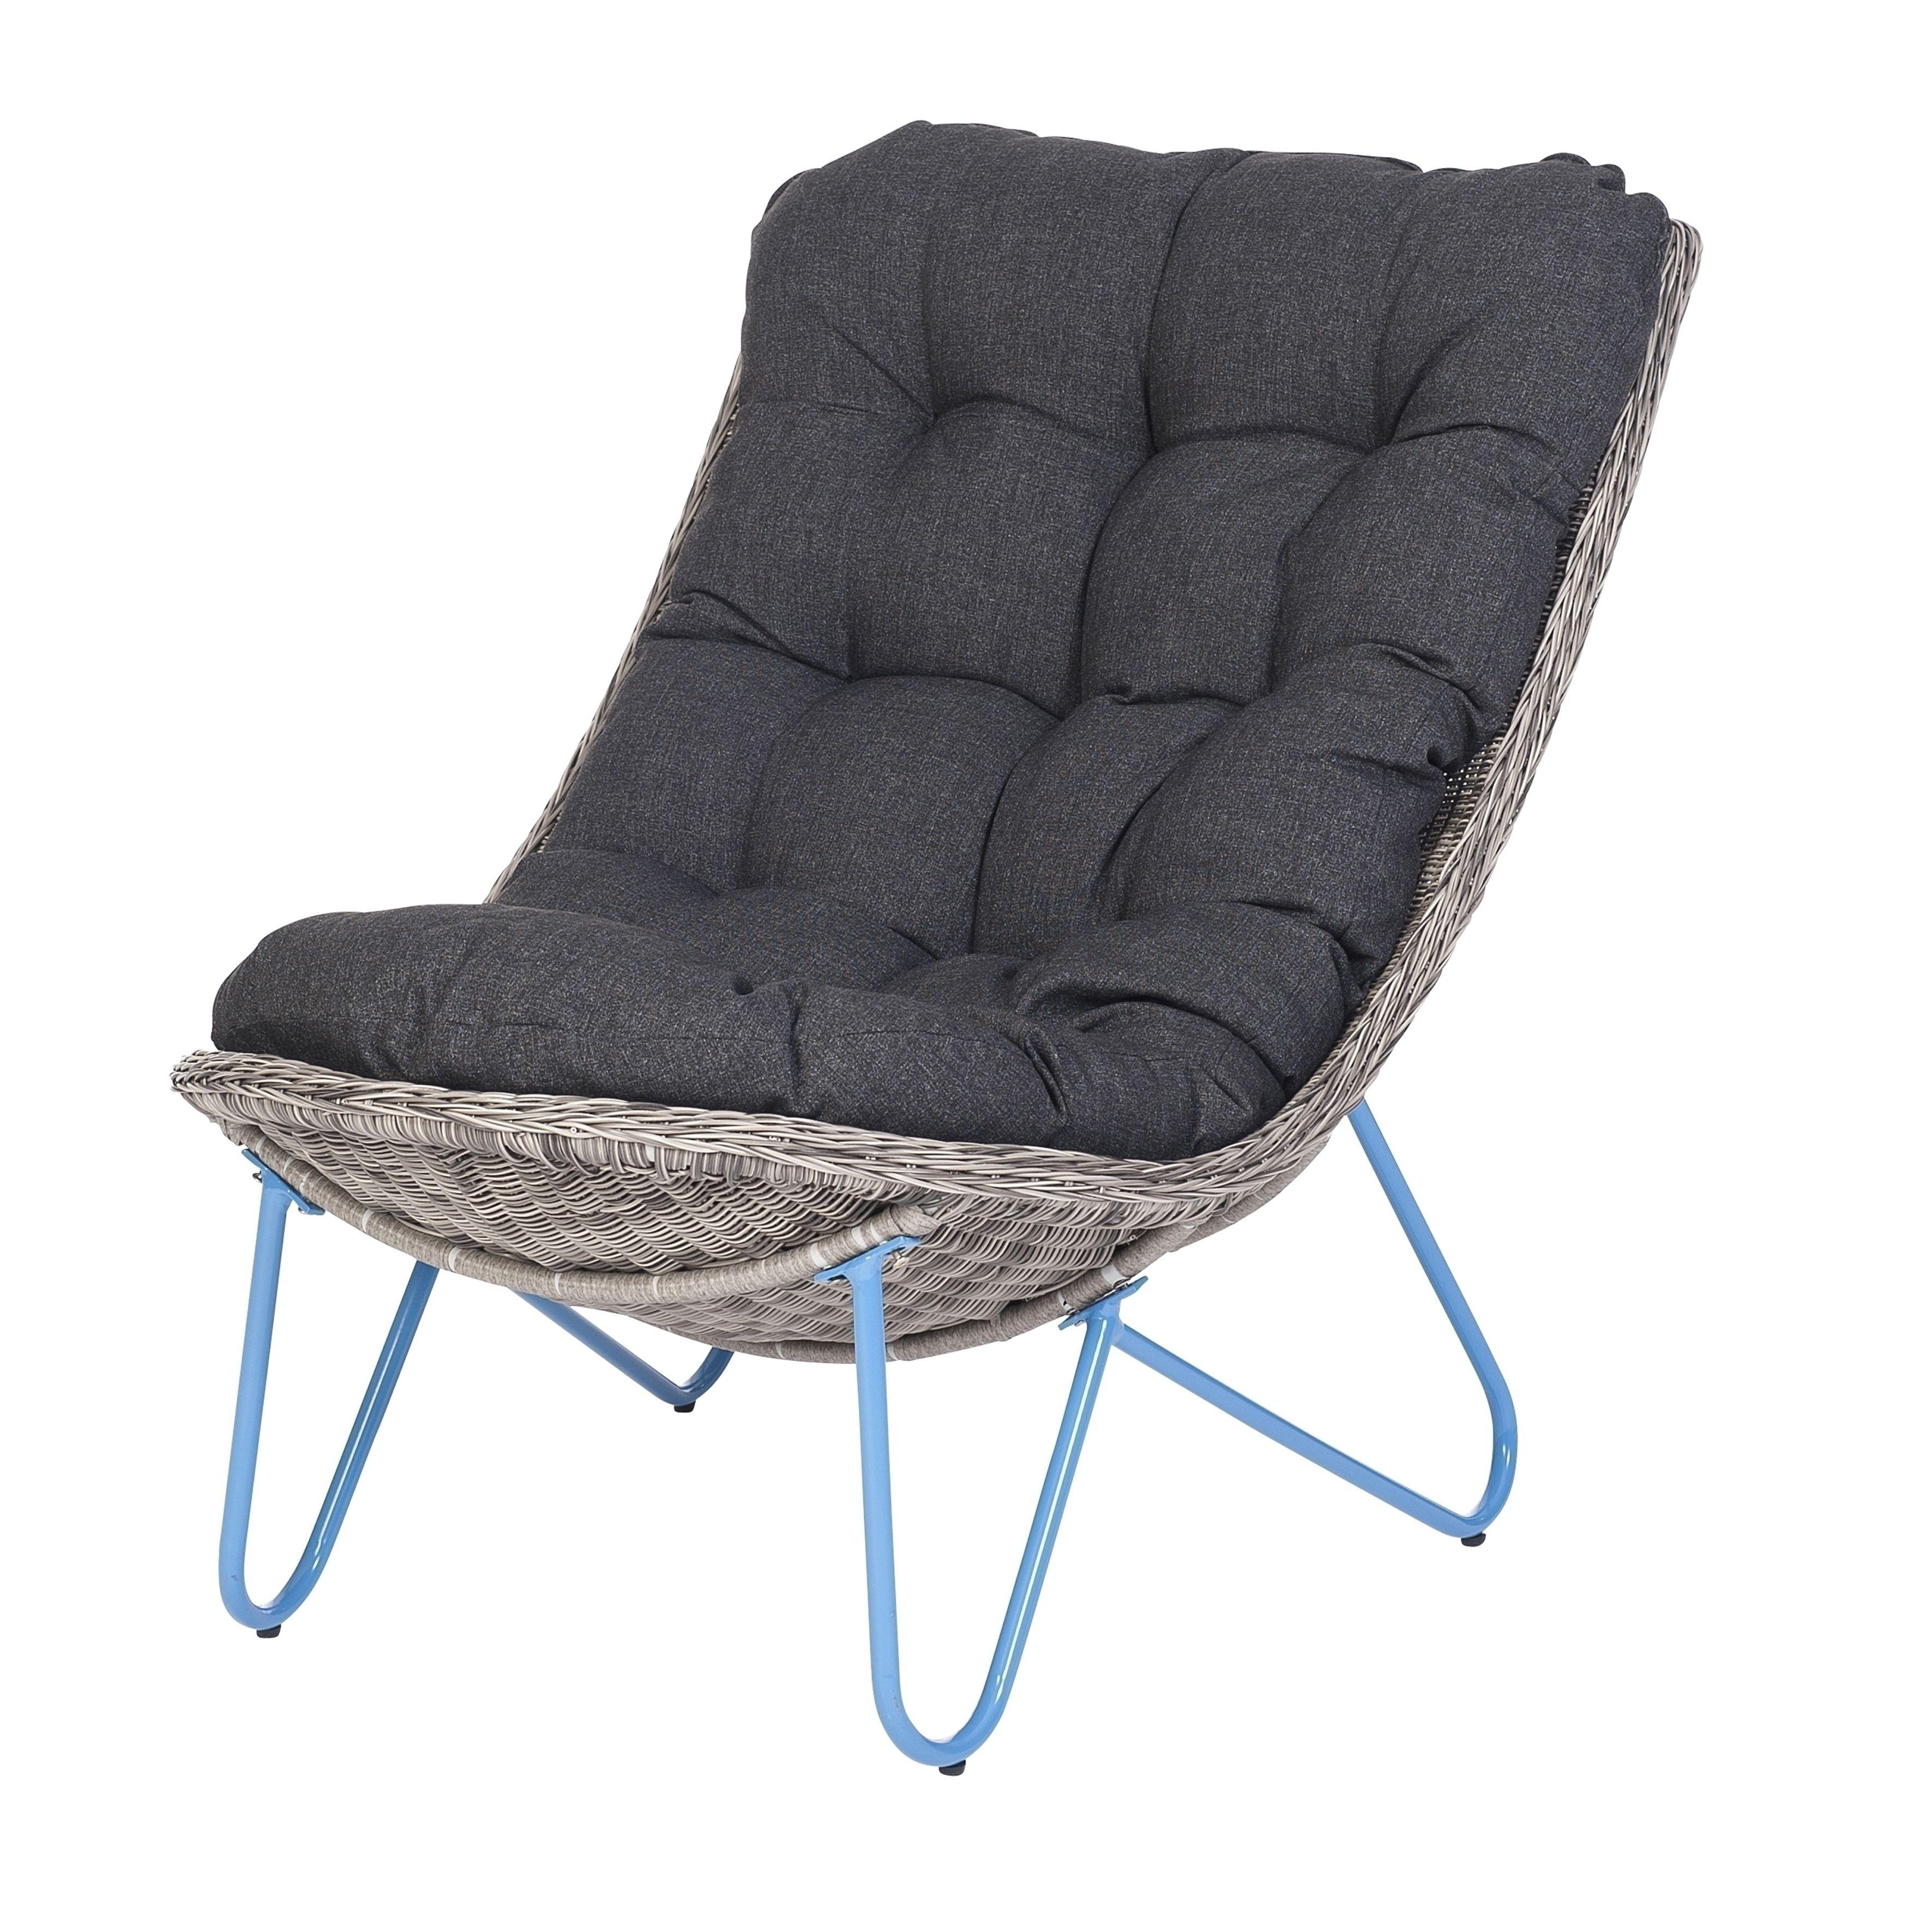 Ligstoel of Deckchair kopen? Fijne relaxstoelen voor buiten